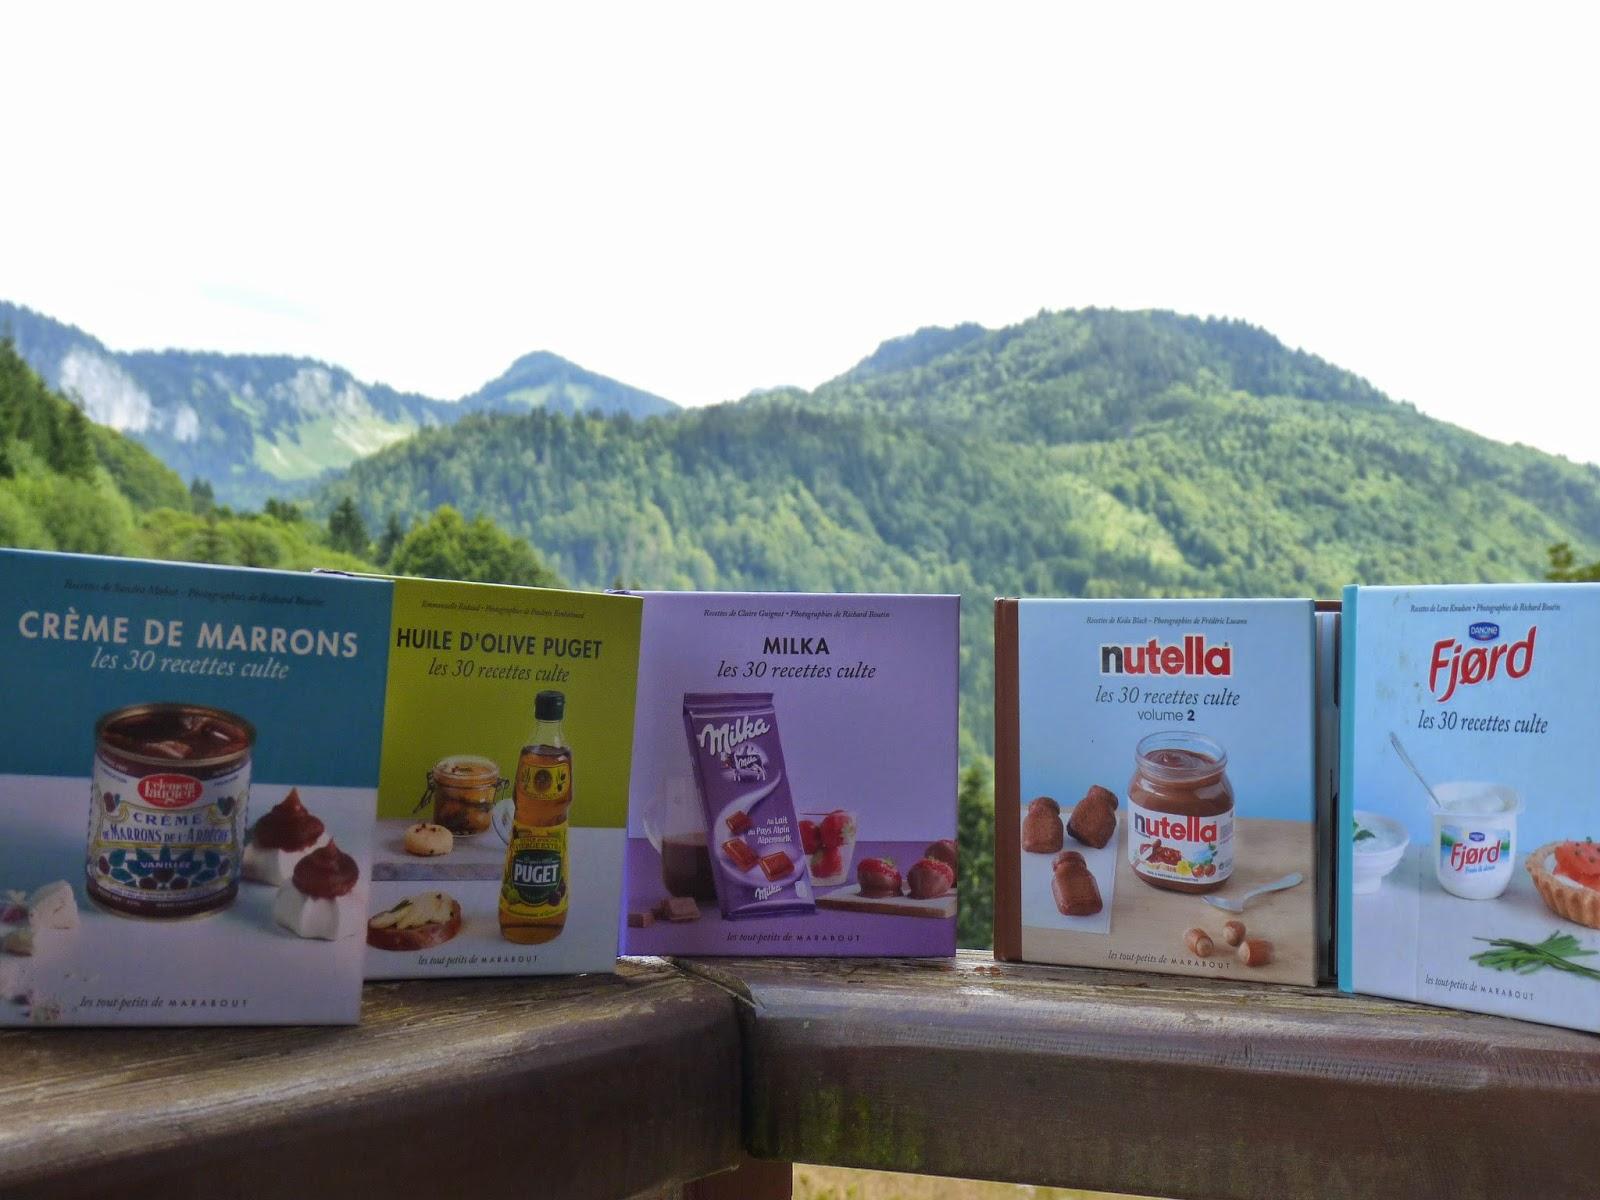 livres de cuisine, 30 recettes cultes, mini, crème de marron, clément faugier, huile d'olive, puget, milka, chocolat, nutella, fjord, yaourt, fromage blanc, pâte à tartiner